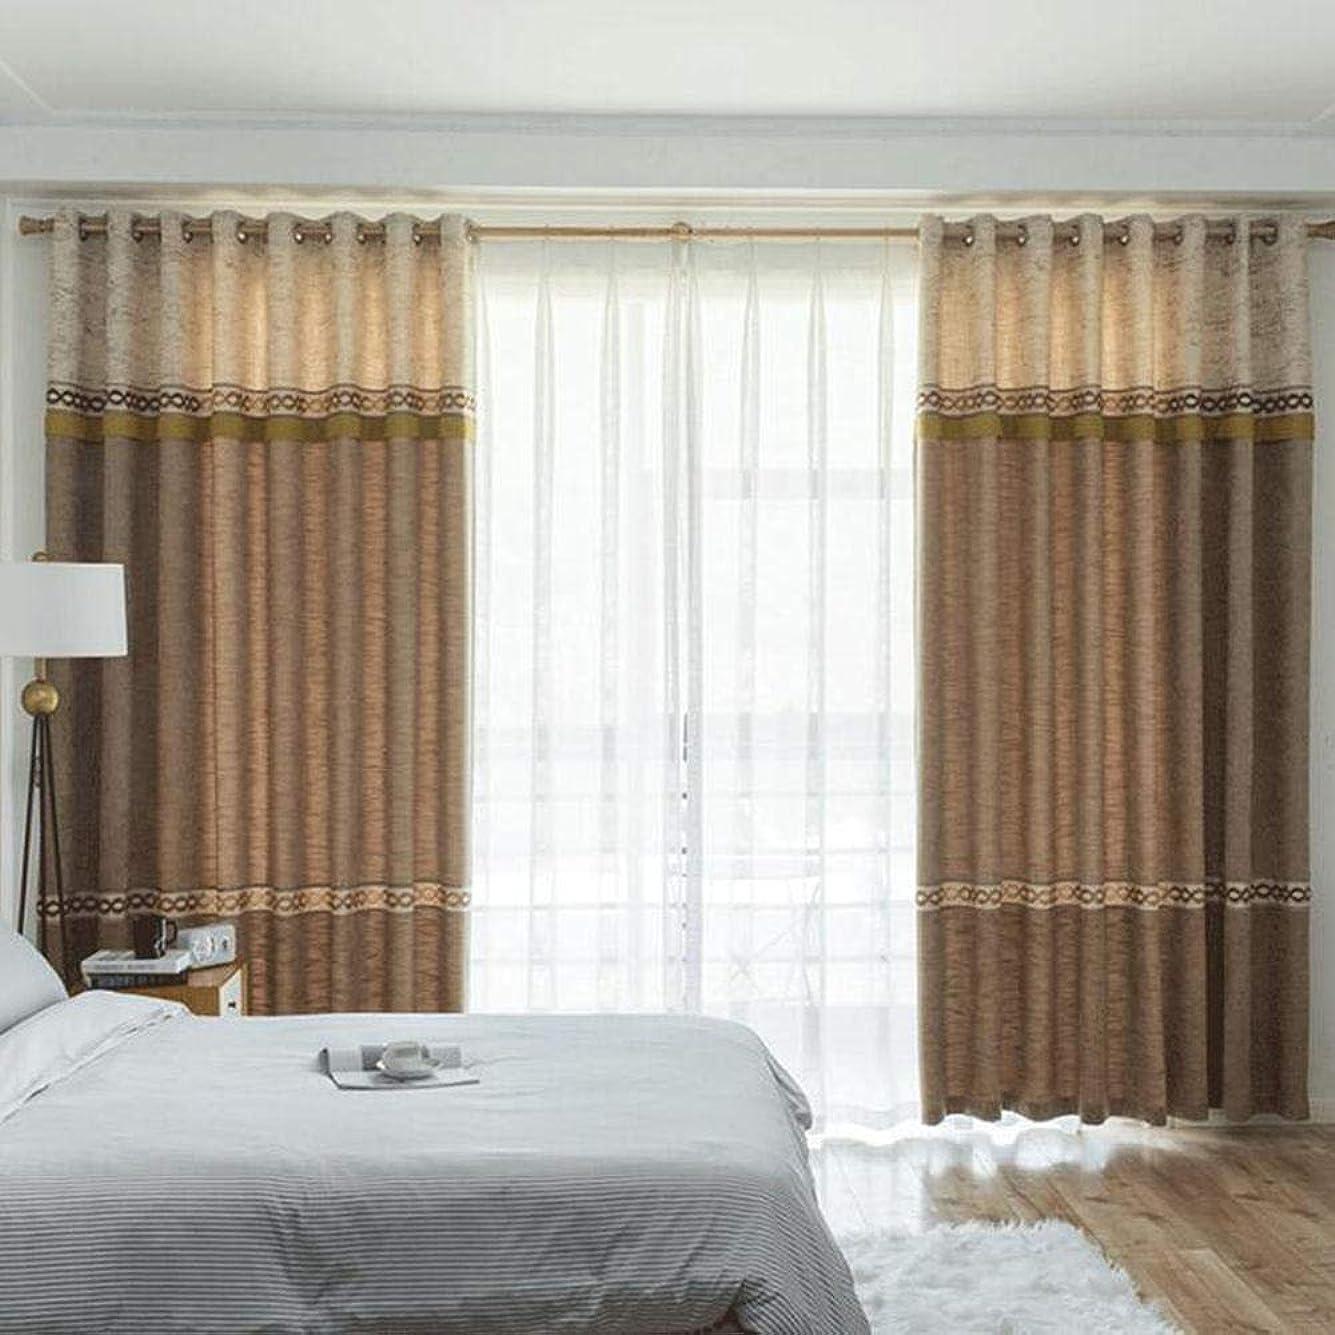 湿った台無しにストラトフォードオンエイボン遮光カーテンリビングルーム断熱フルサンシェード寝室のカーテンモダンカーテン2個@ブラウン_300x270cm(WxH)x2